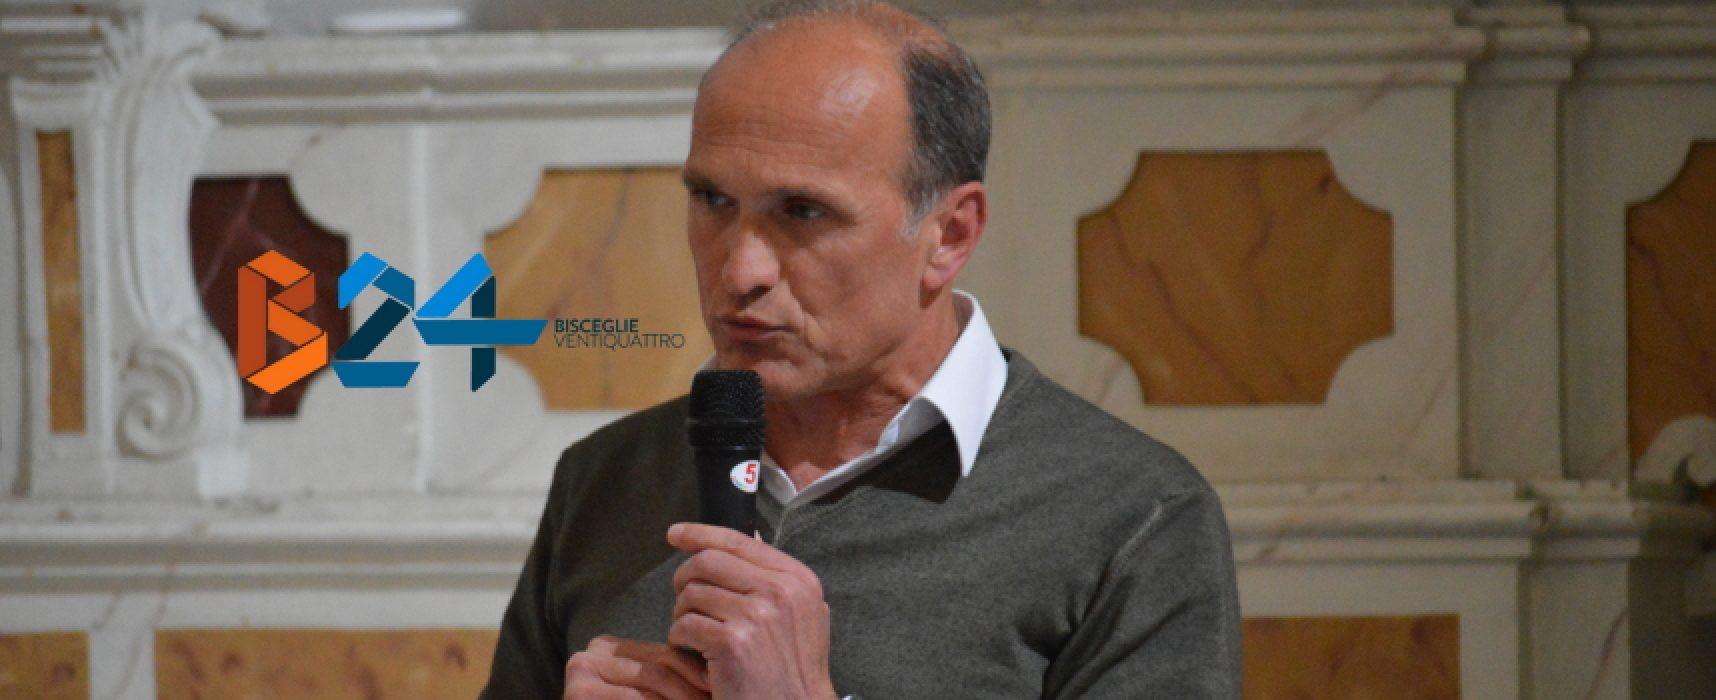 """Comune Riciclone, Amendolagine: """"Se i dati sono errati, il sindaco restituisca il premio"""""""